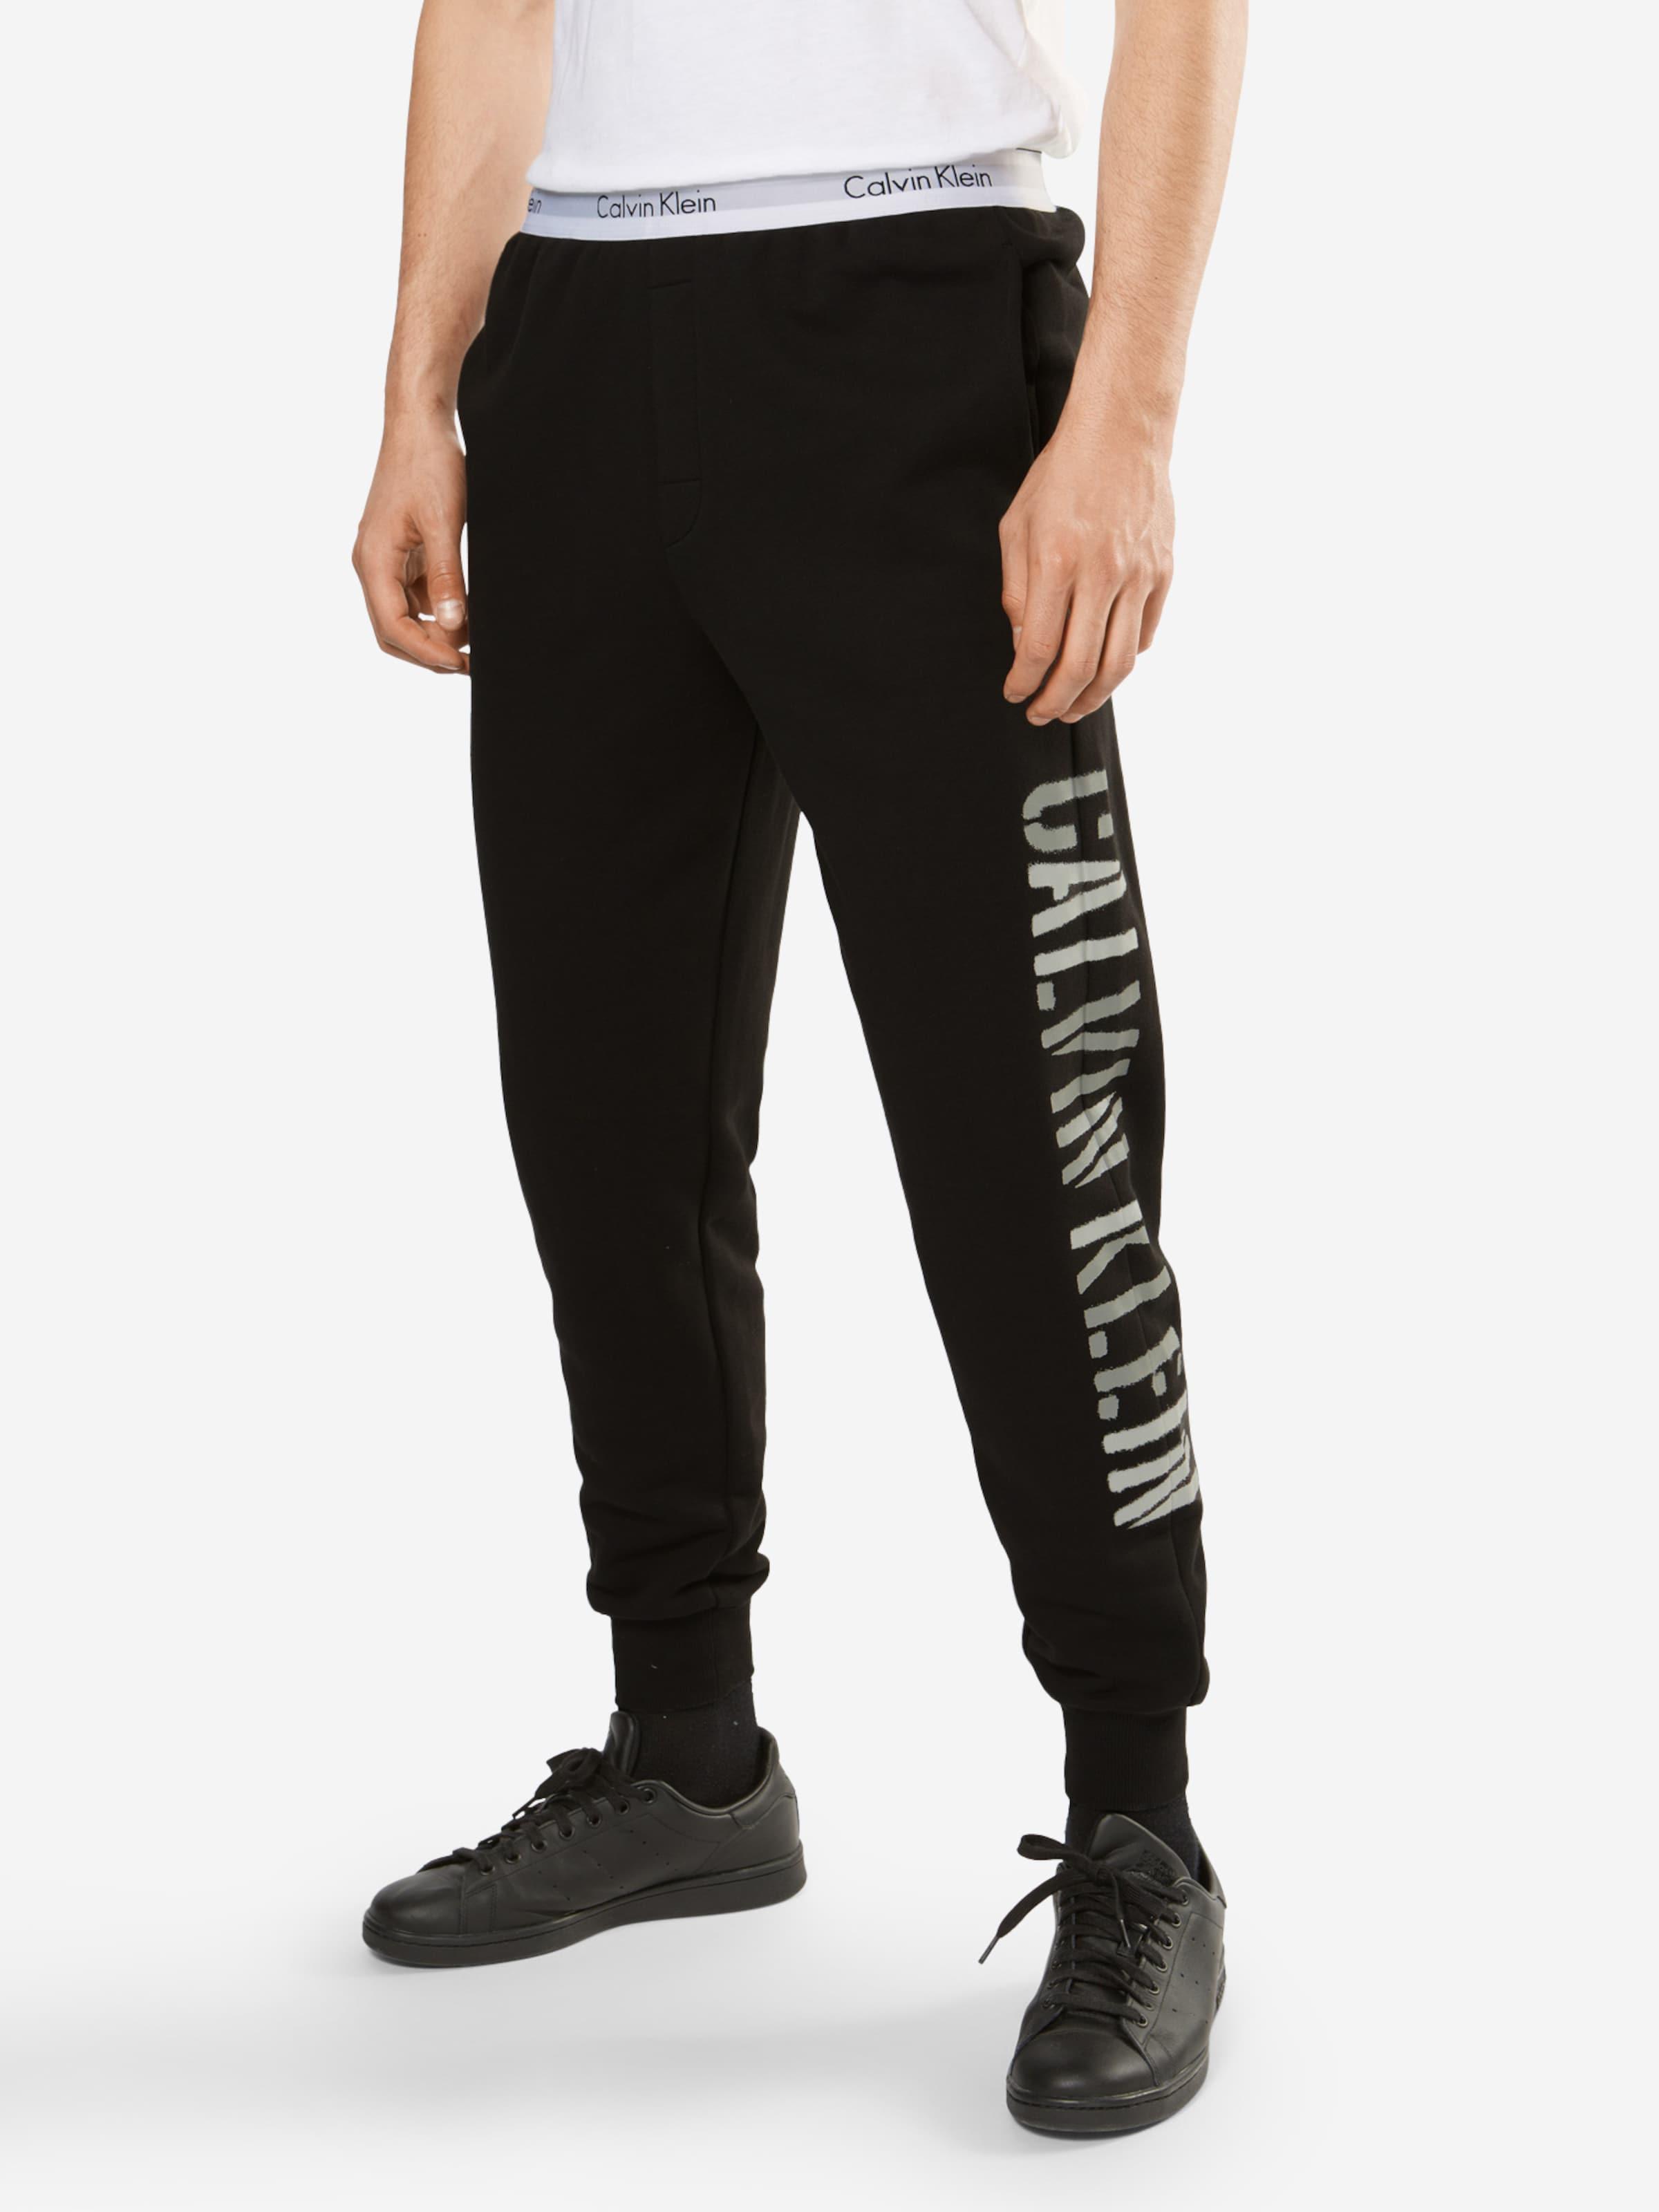 Calvin Klein underwear Sweathose mit Elastikbund